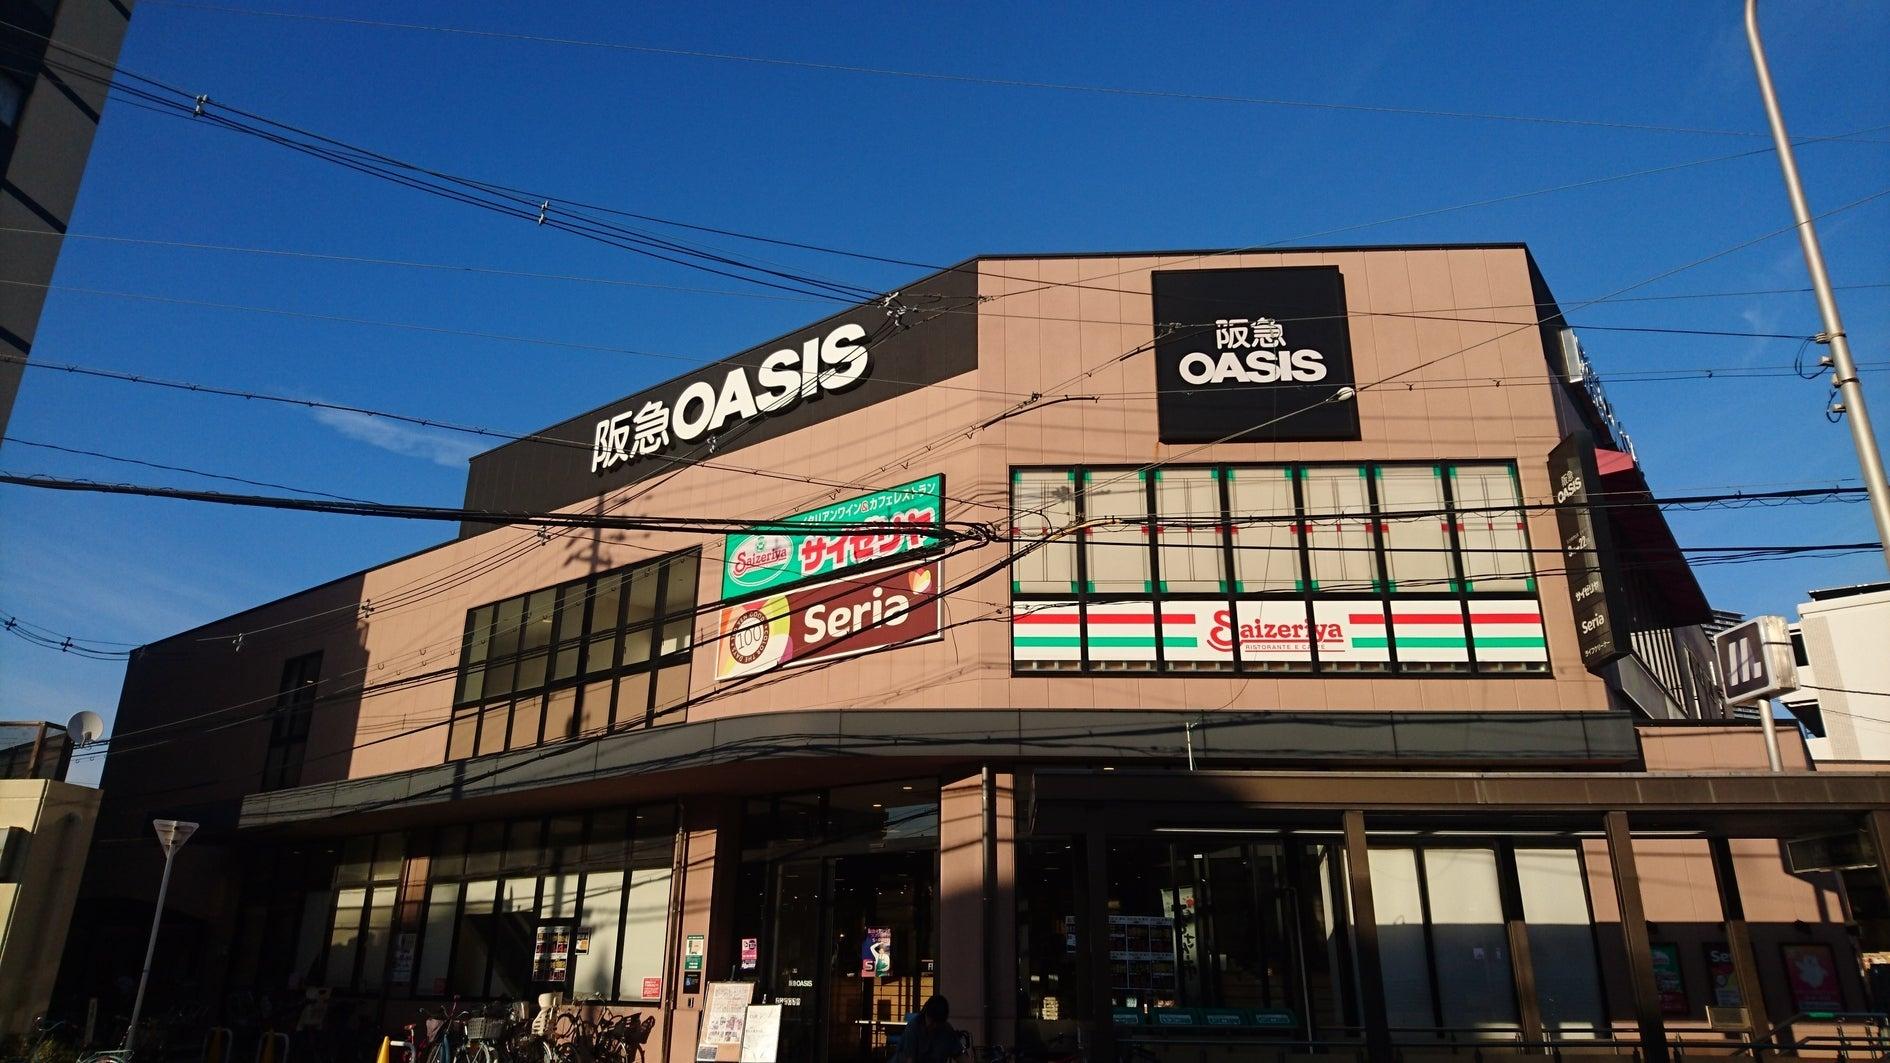 【野田駅/玉川駅3分】キッチンOK!Wifi◎コンビニ・スーパー近隣にあり!ヨガマットあり! のサムネイル